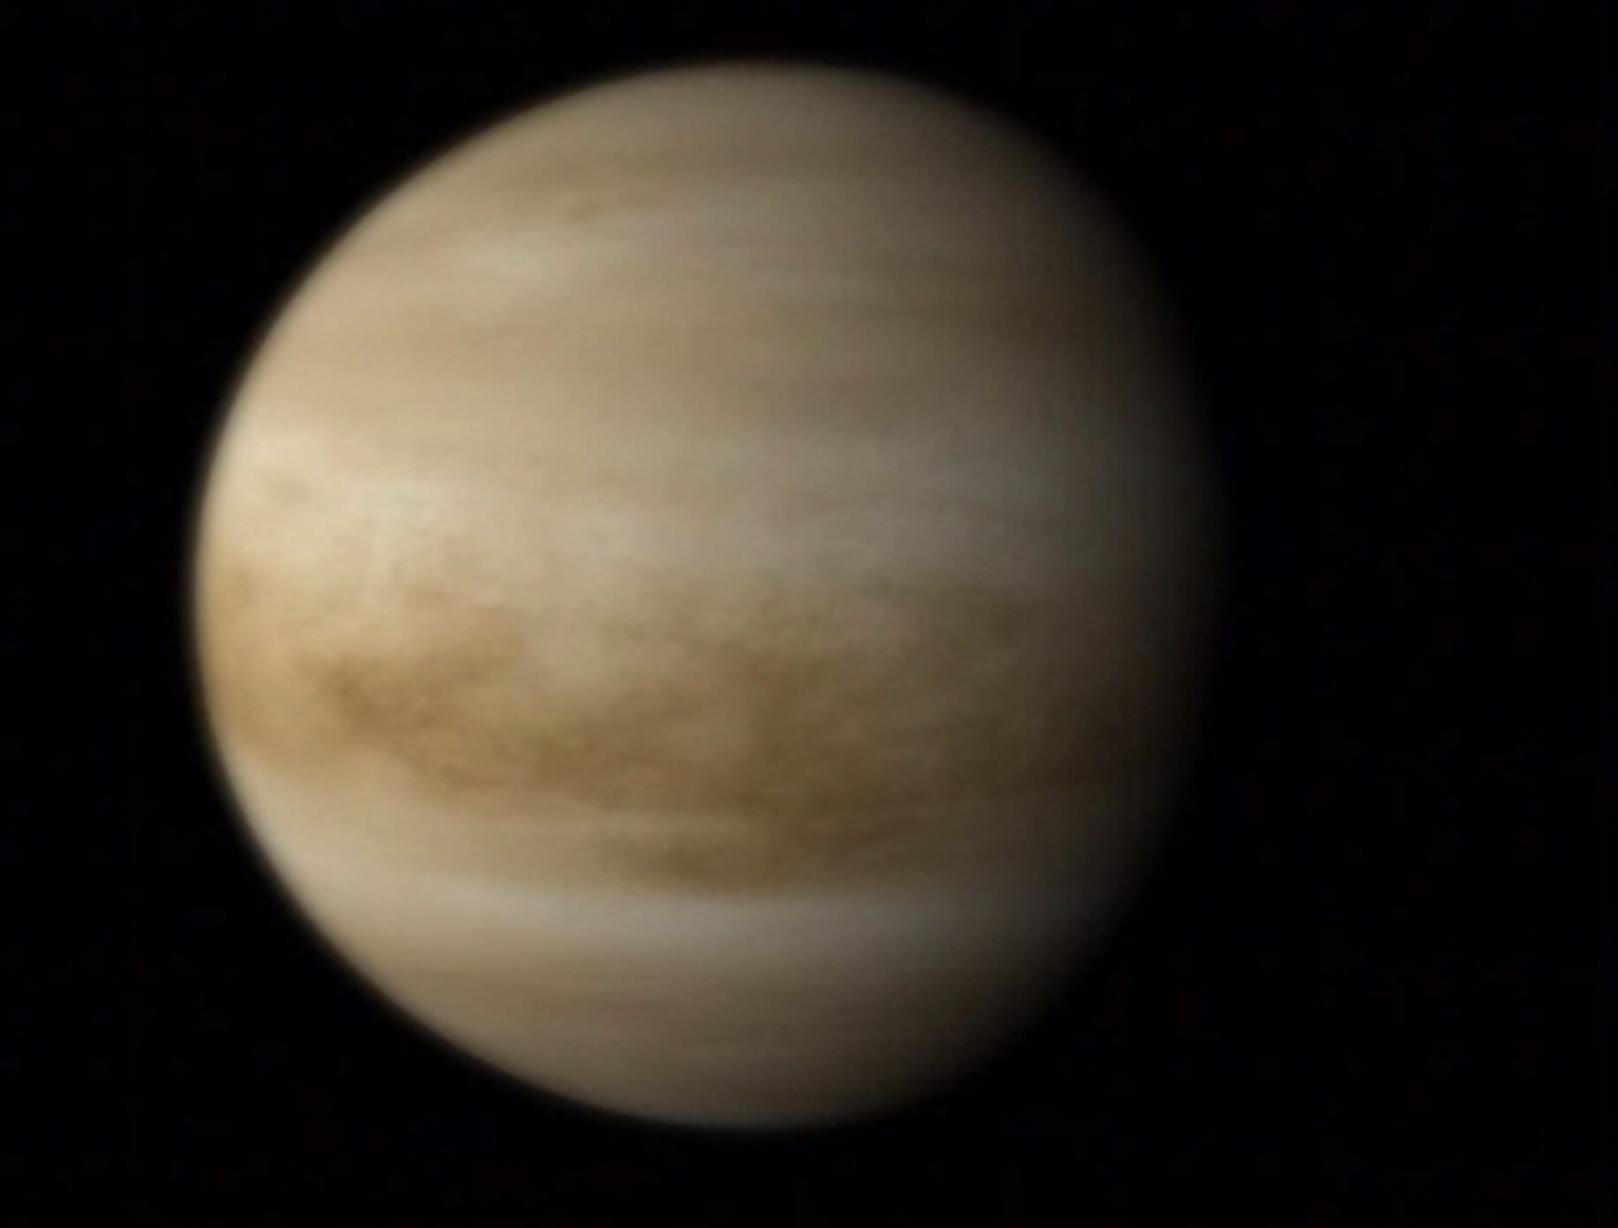 ¿Problemas con las detecciones en Venus? Así es como funciona la ciencia